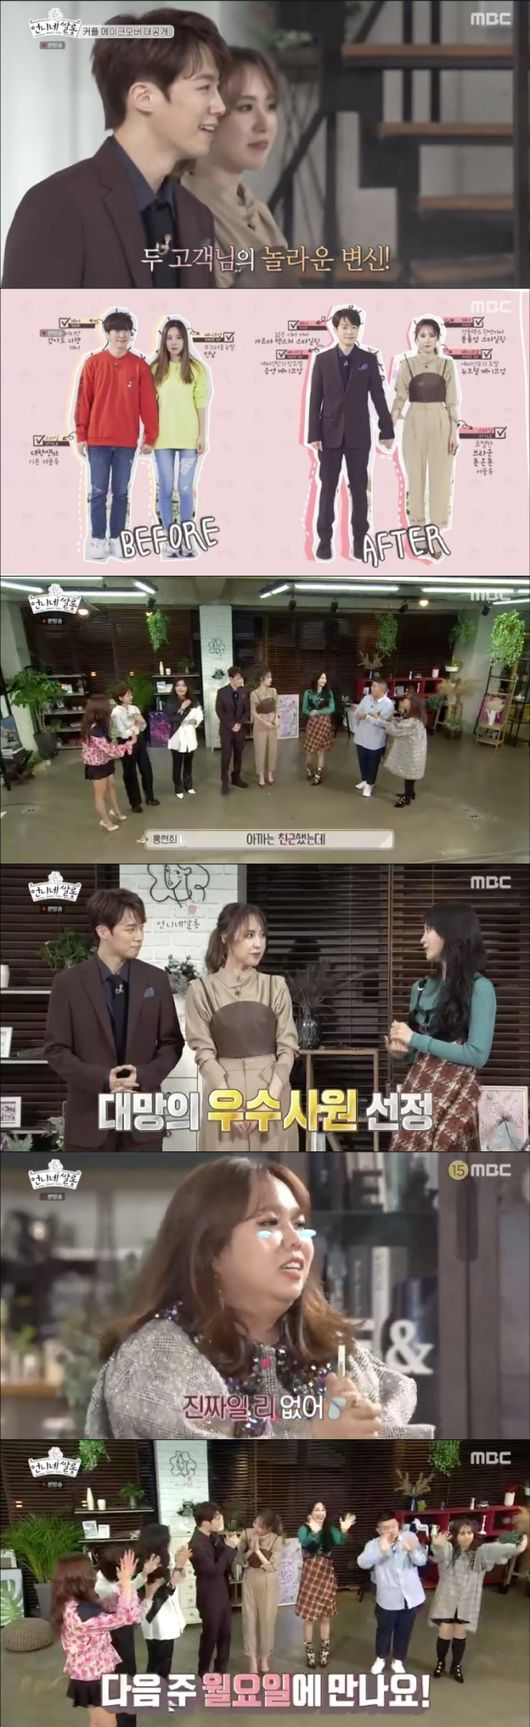 '언니네 쌀롱' 첫방, 간미연♥황바울 메이크오버→홍현희 우수사원 등극 [종합]